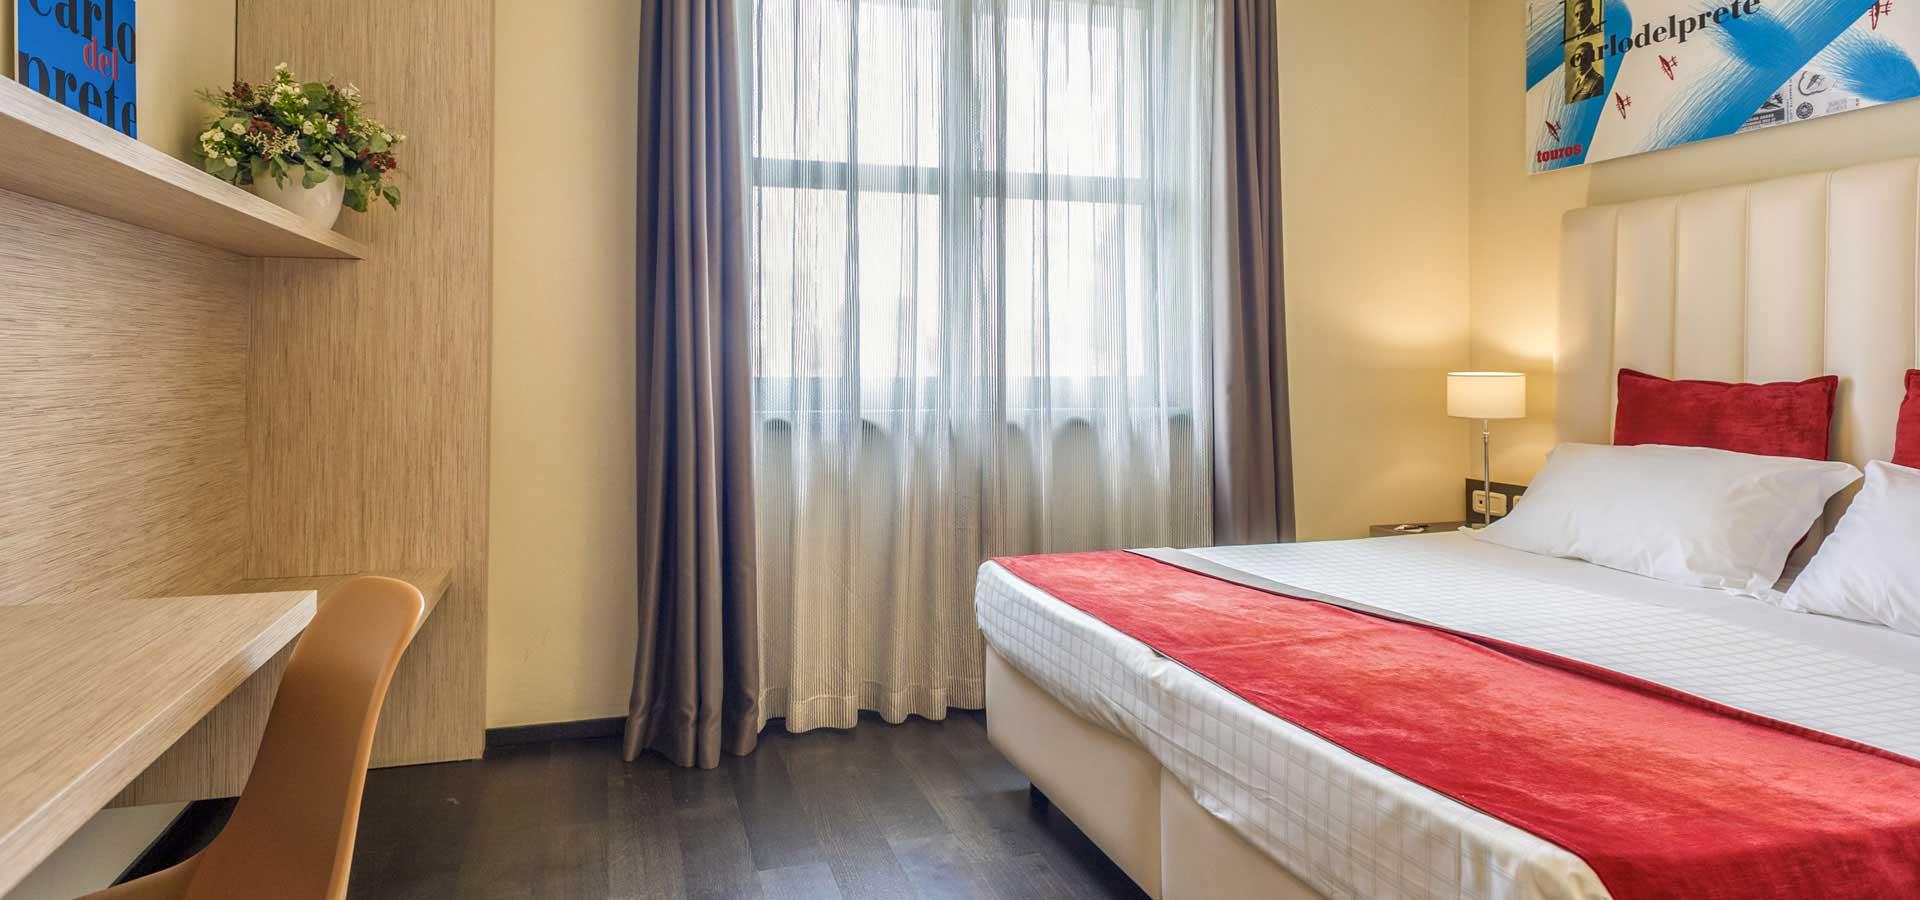 camera hotel a Lucca